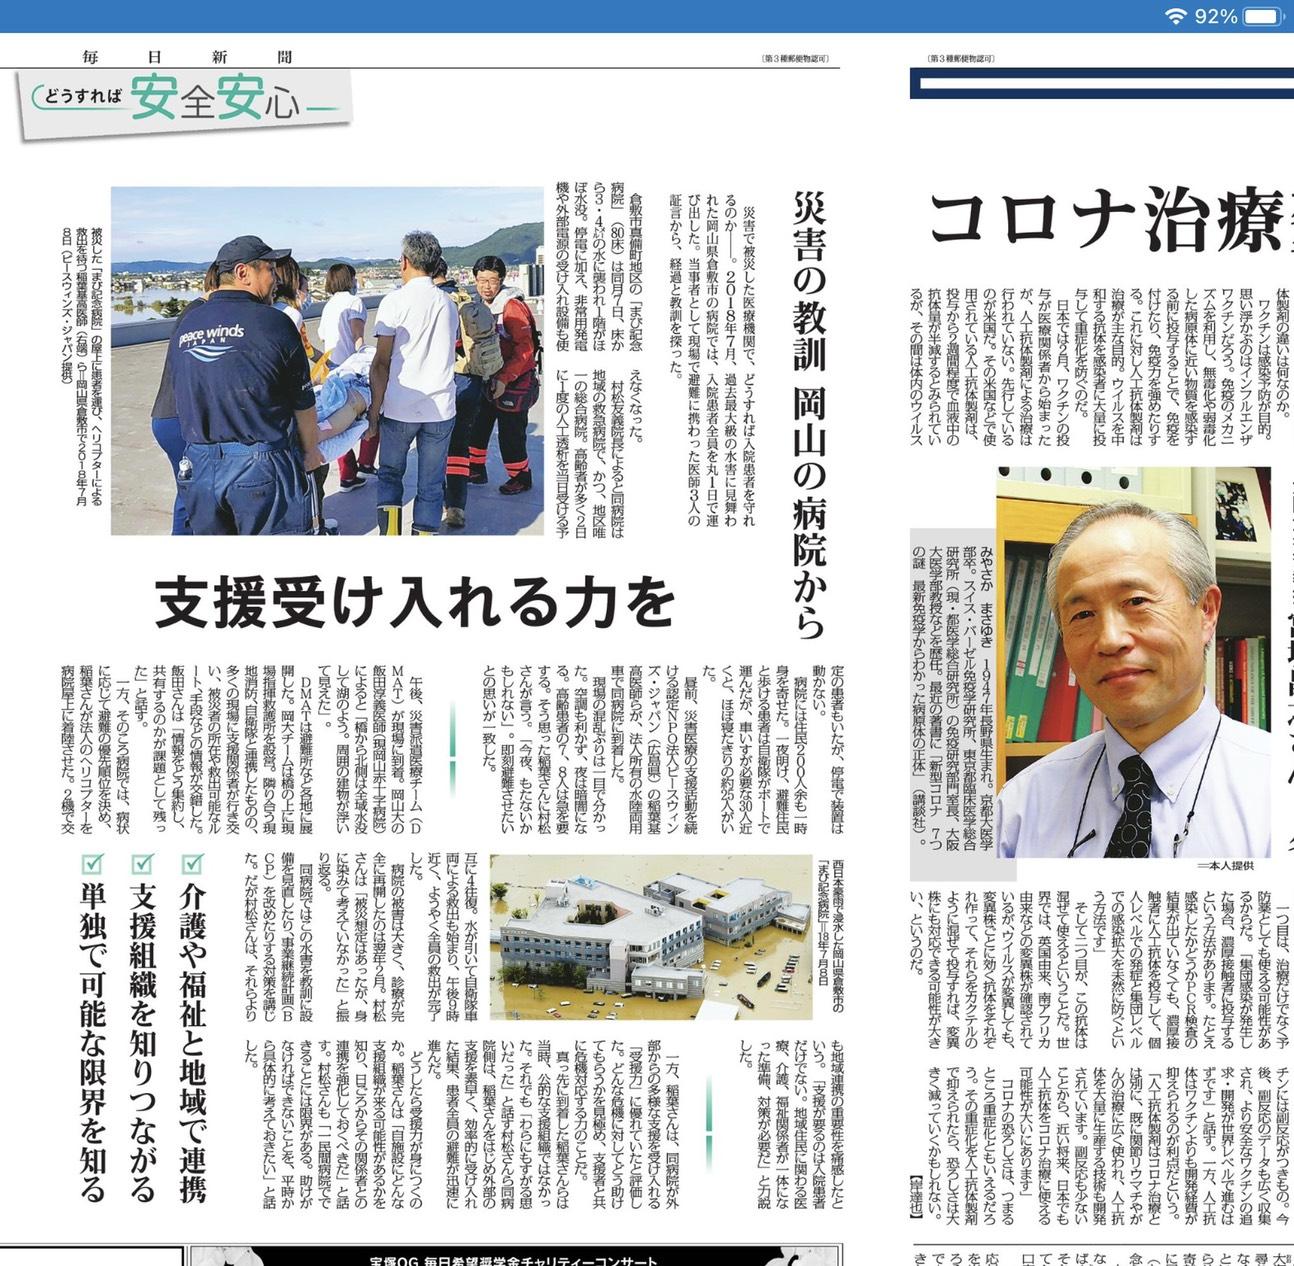 【メディア掲載】ー支援受け入れる力をー毎日新聞に掲載されました。